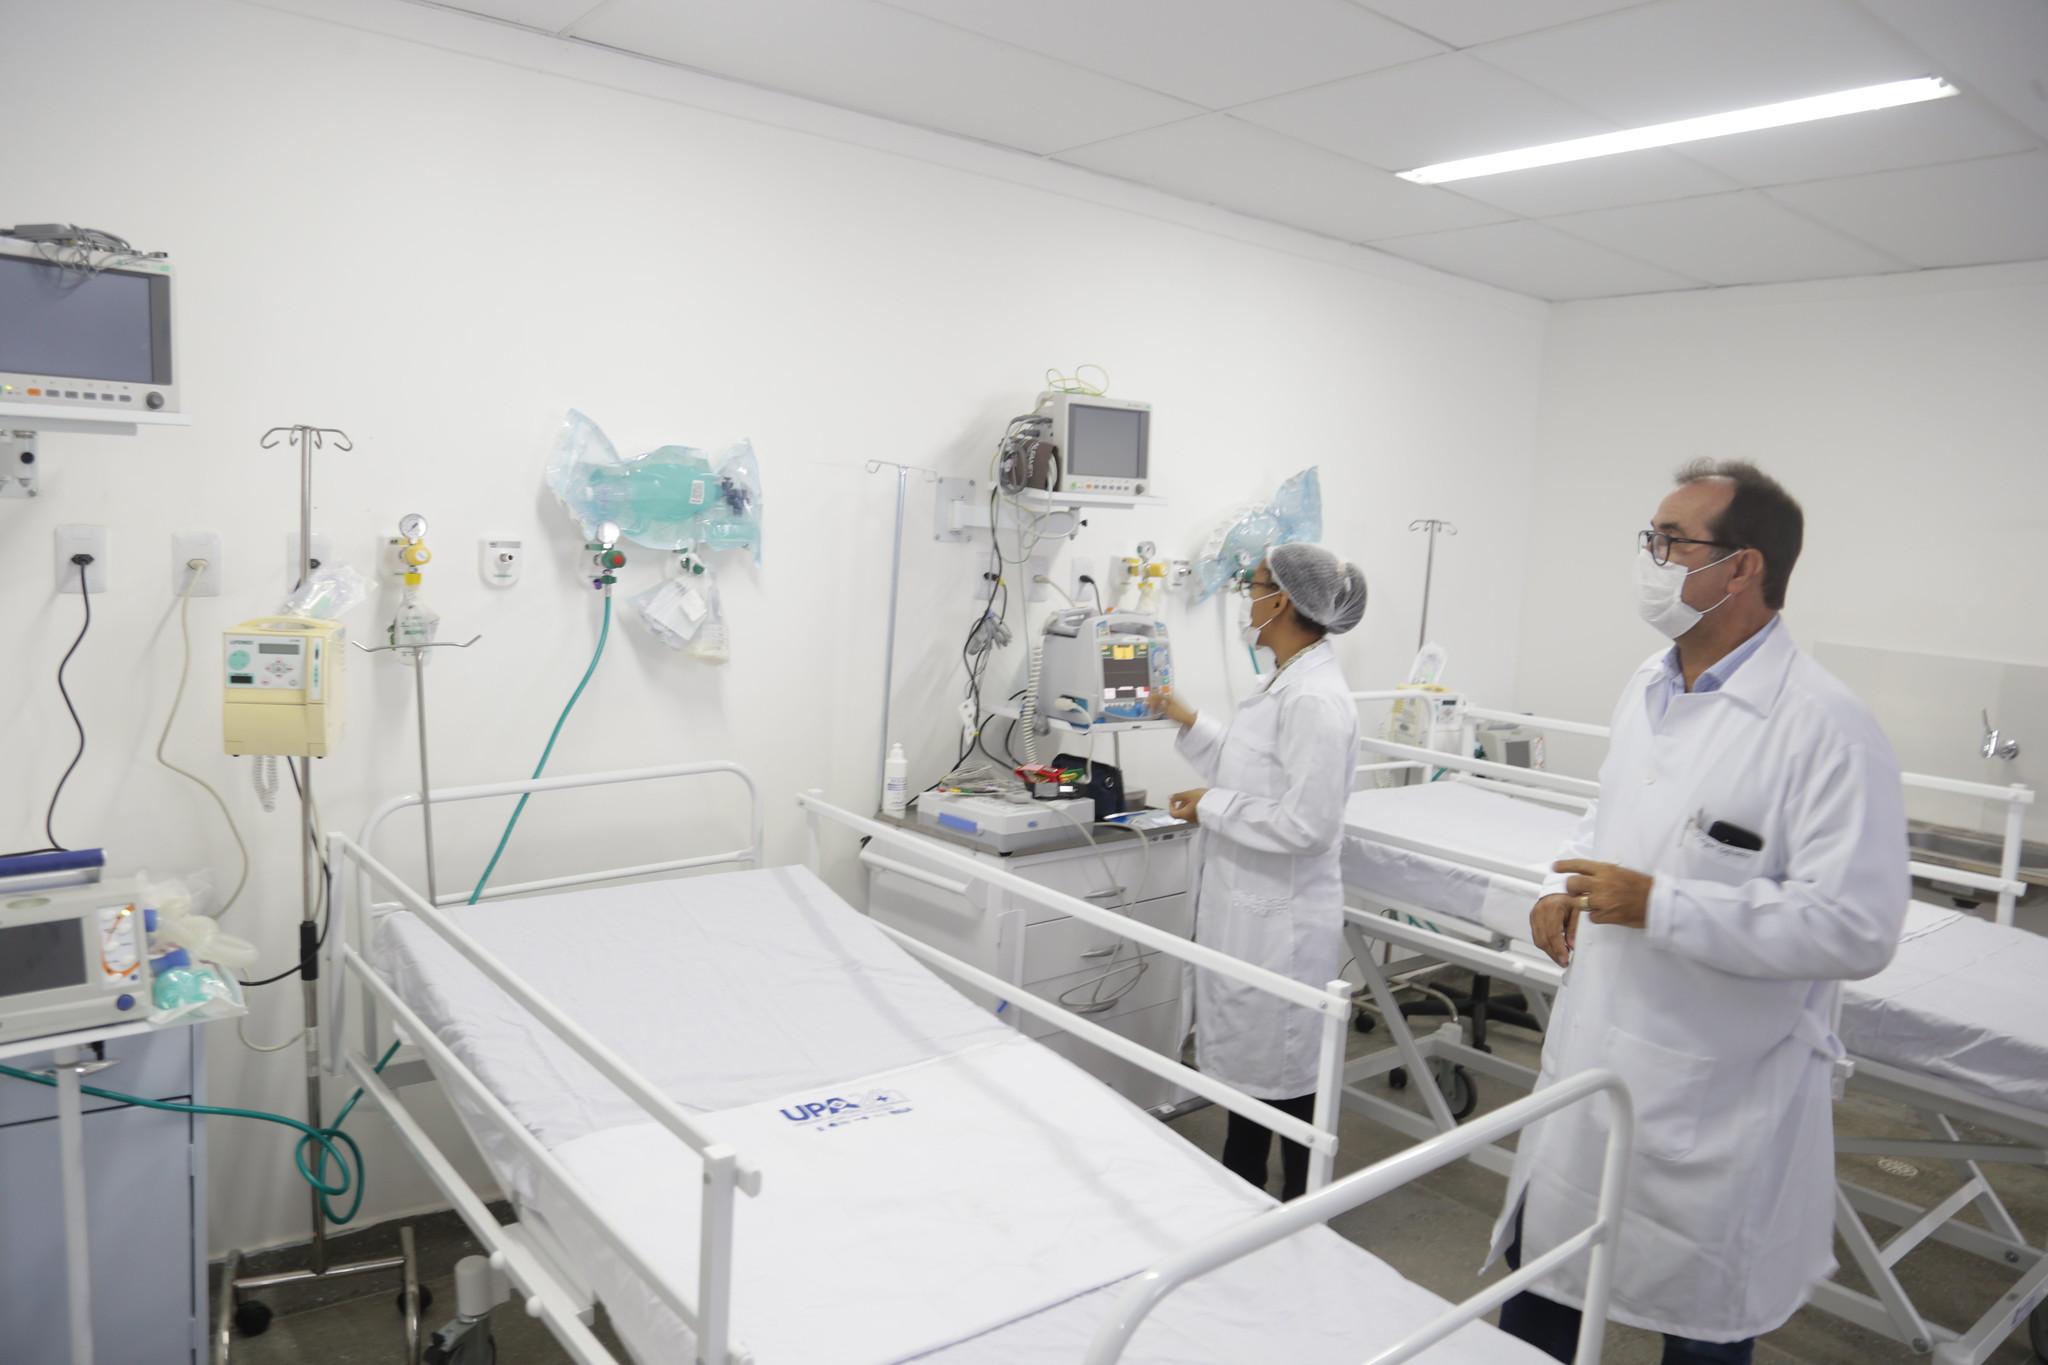 PA Santo Amaro de Ipitanga é unidade referência no atendimento a pacientes com sintomas gripais em Lauro de Freitas